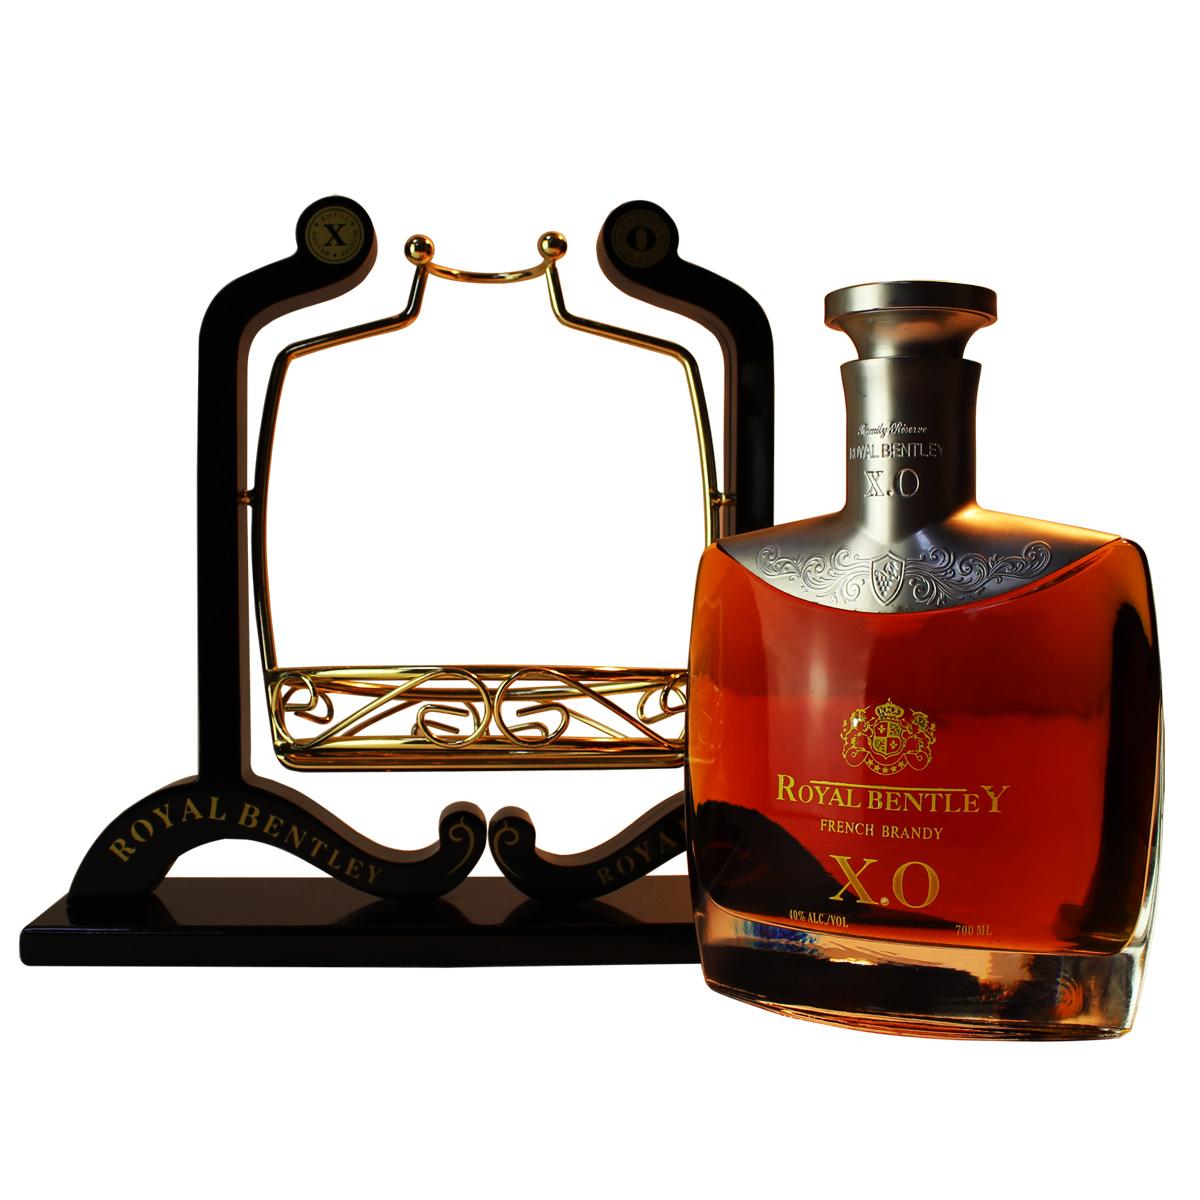 礼品酒 干邑白兰地葡萄蒸馏酒 洋酒 XO 皇家宾利 XO 洋酒 法国进口